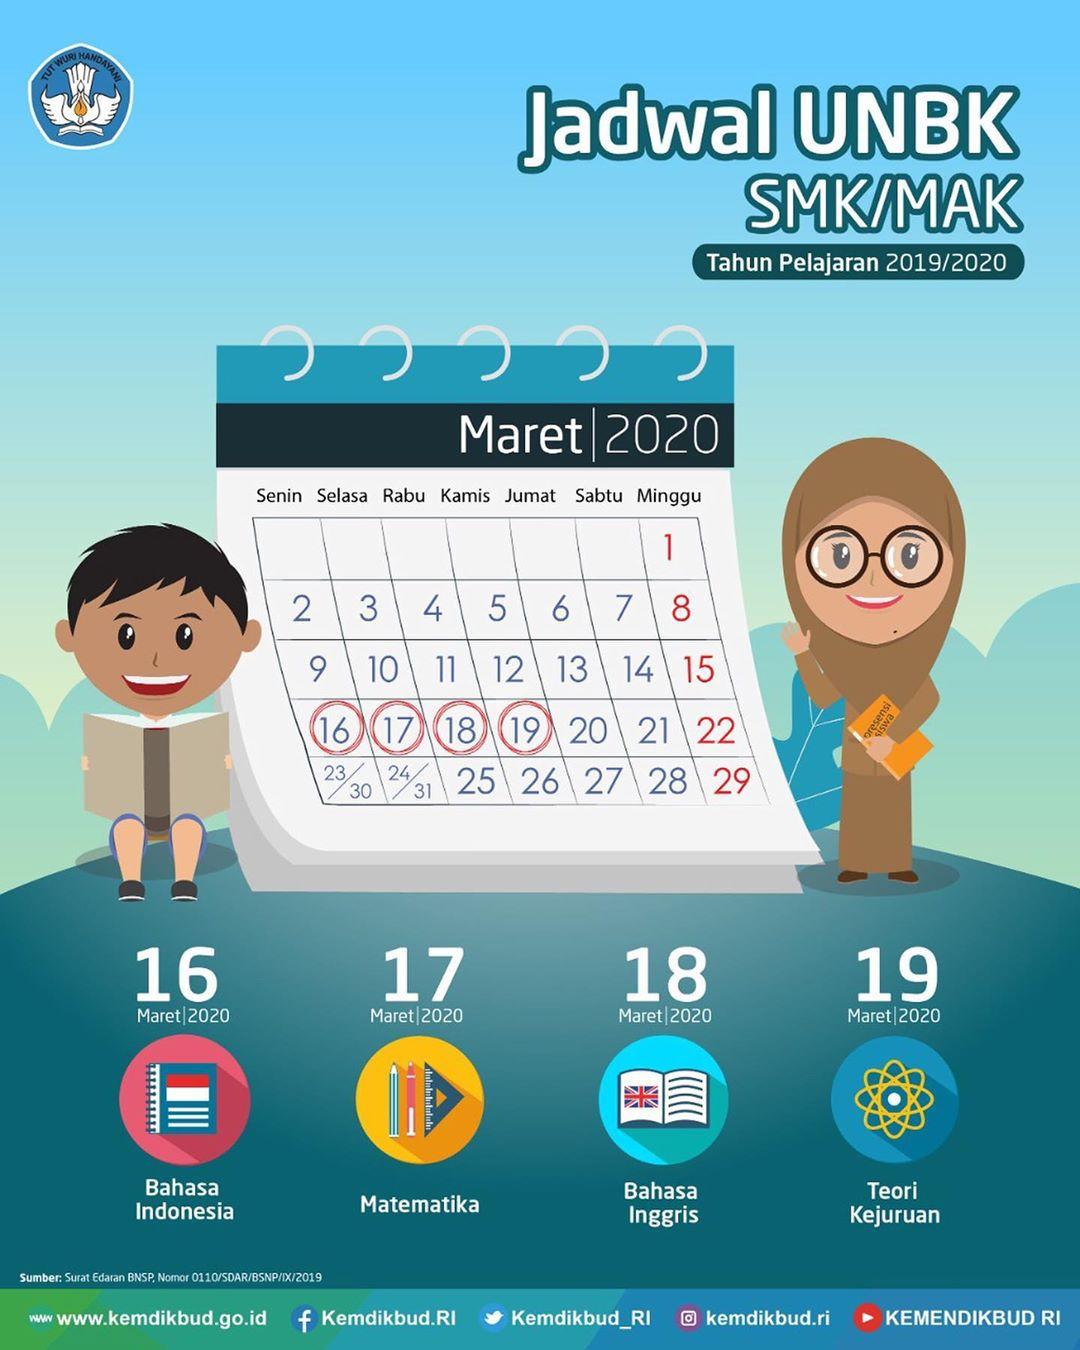 Jadwal UNBK SMK MAK Tahun Pelajaran 2019/2020